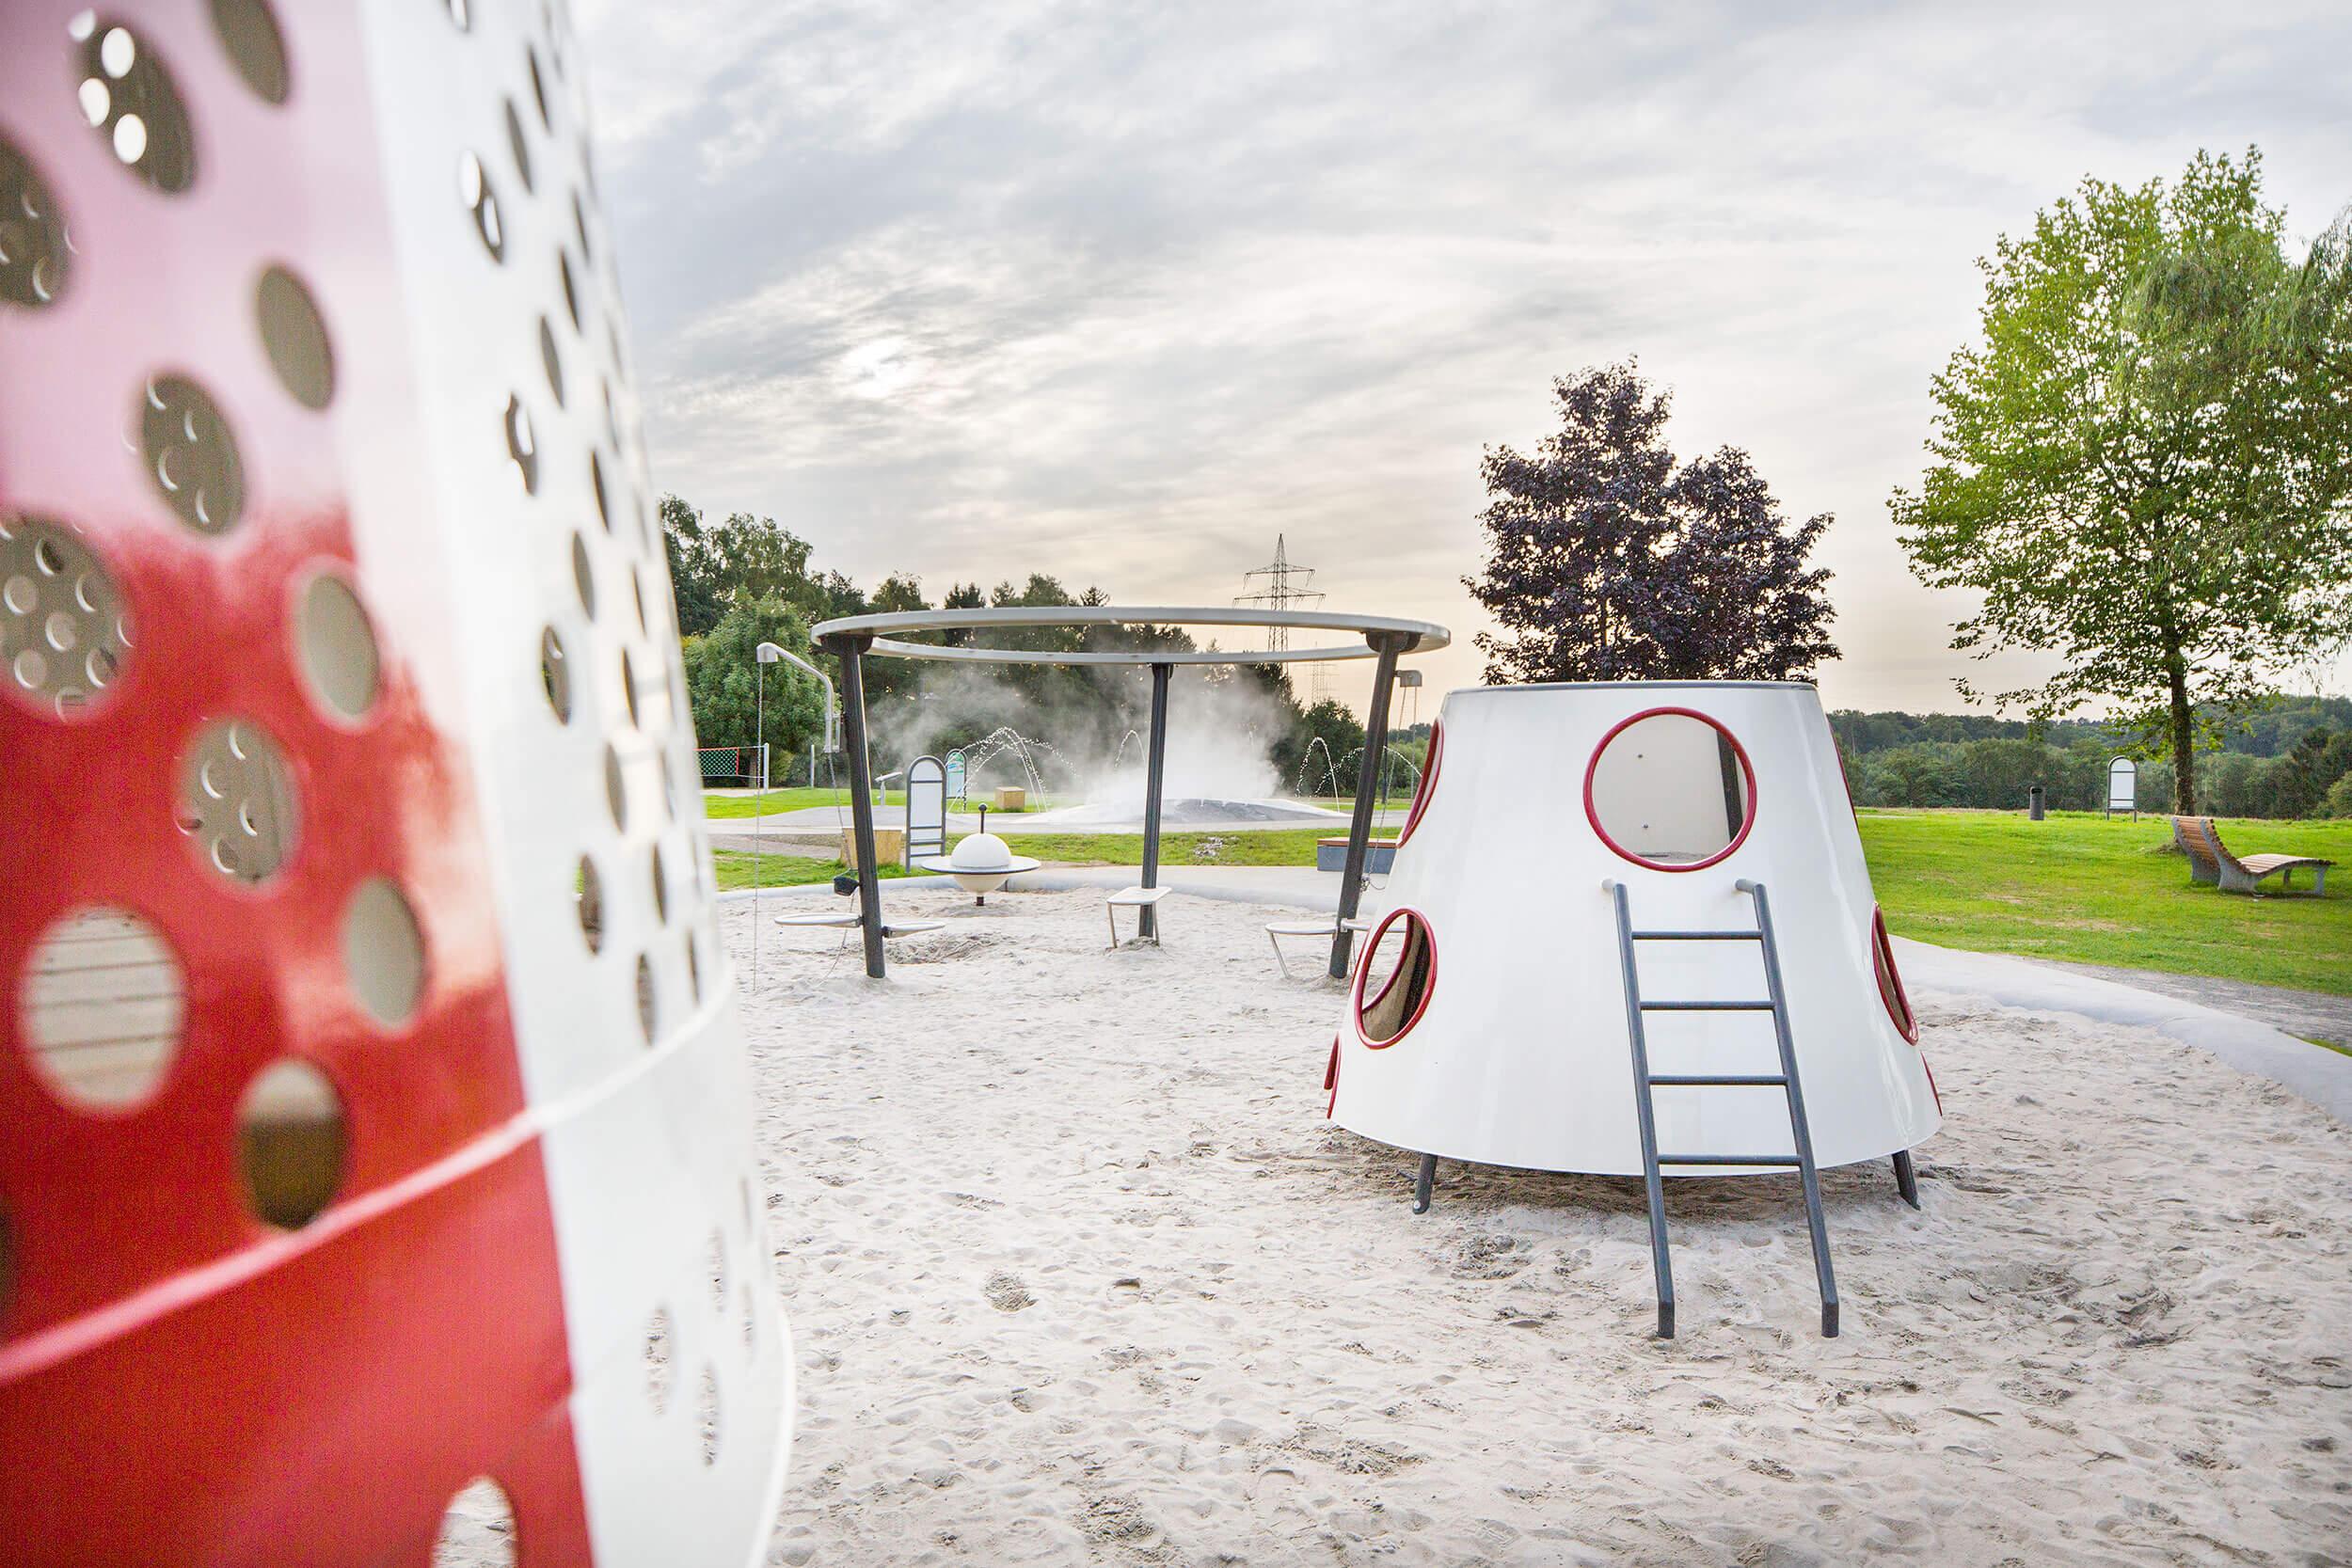 Weltraumspielplatz Parc-Kaltreis